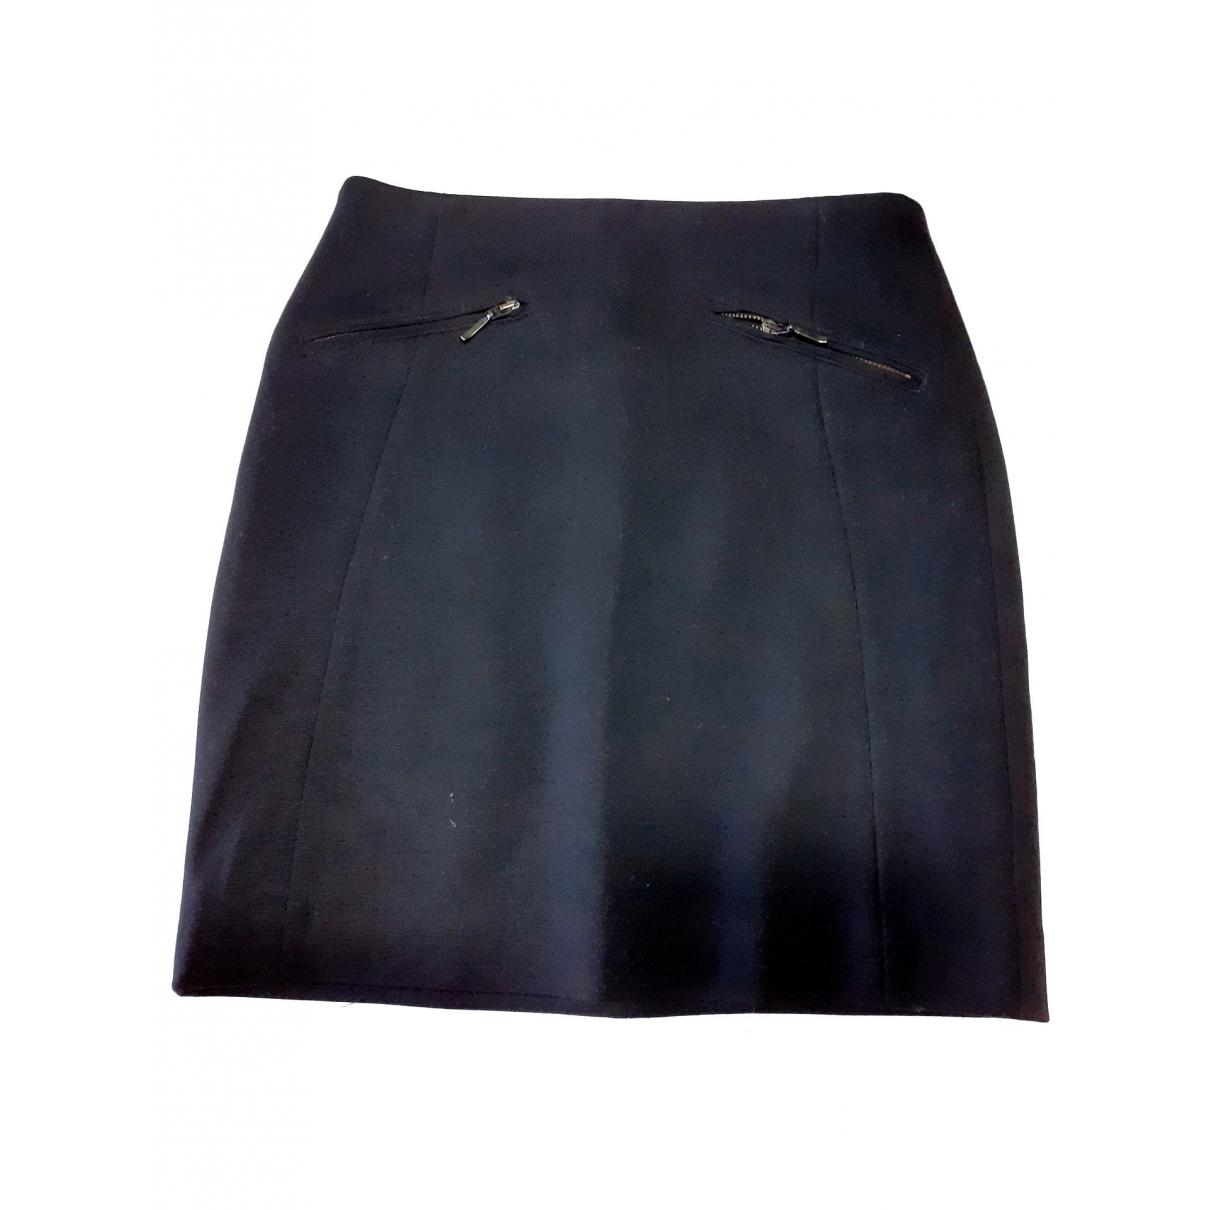 Massimo Dutti - Jupe   pour femme - noir